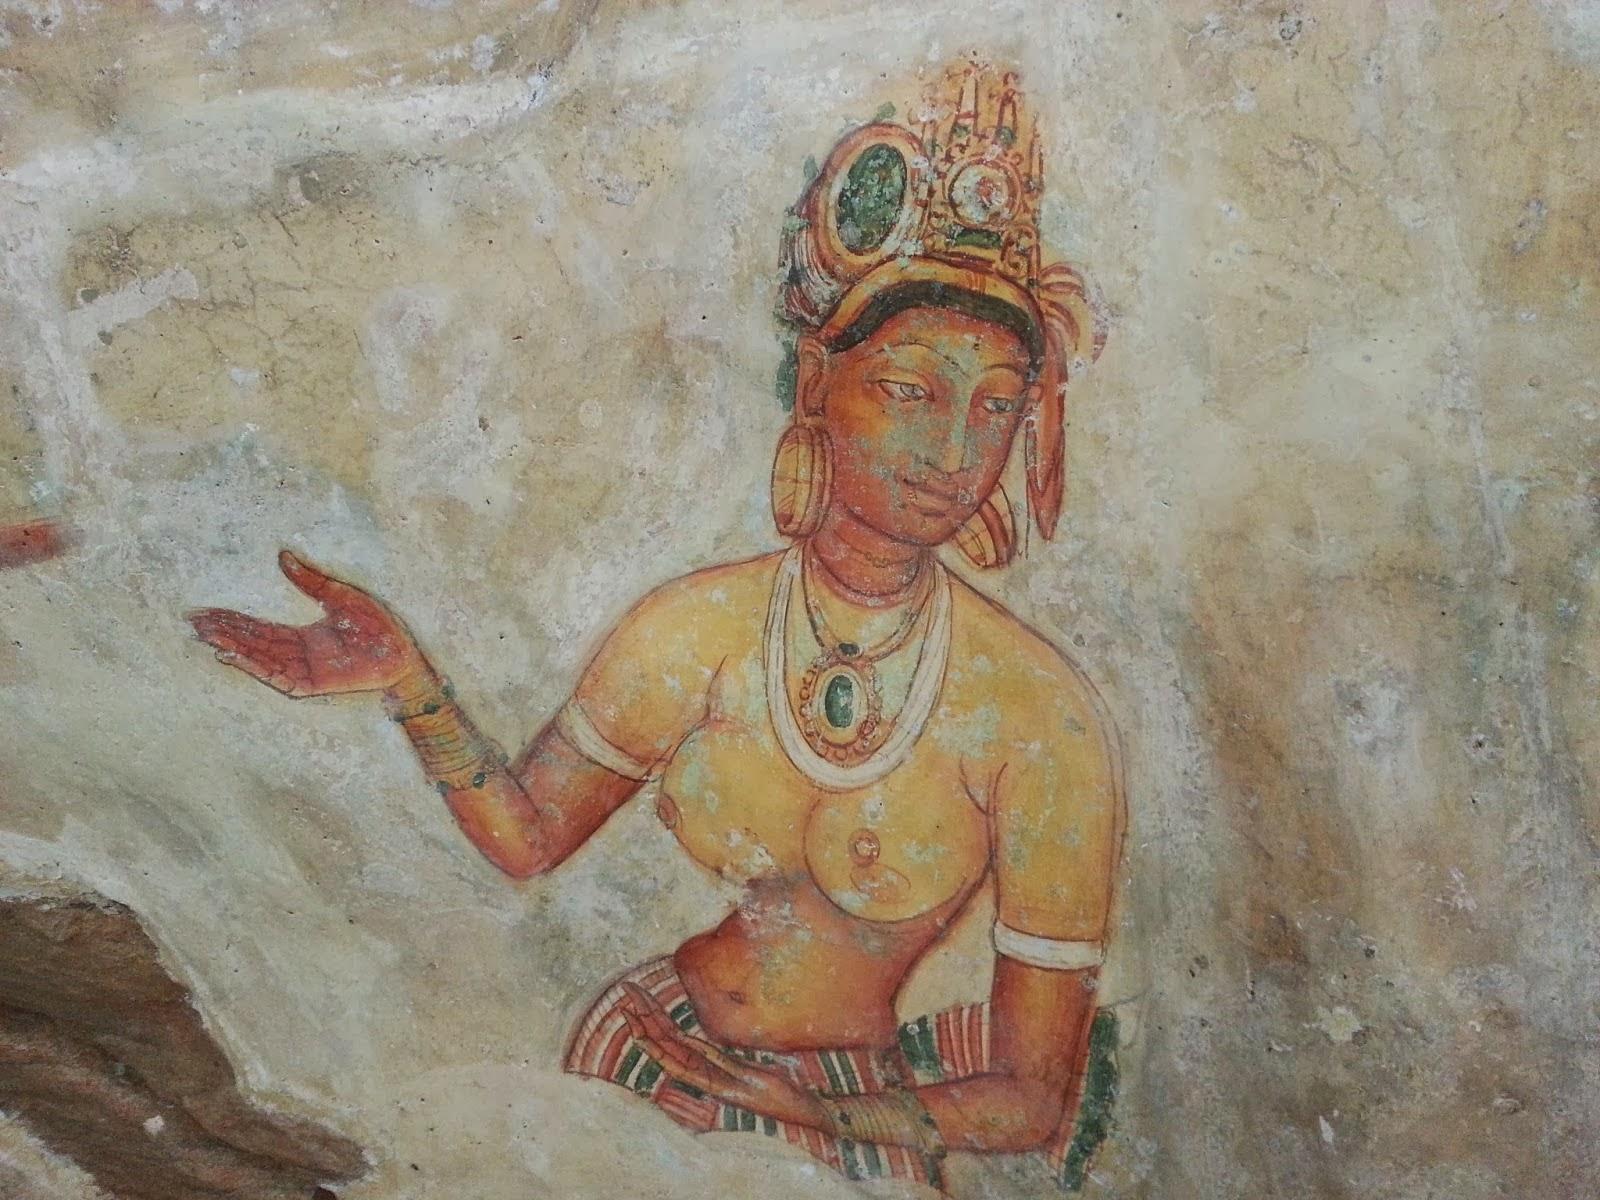 Древняя фреска Сигирии, обворожительная, красивая ланкийская девушка, тщательно прорисованные детали, черты лица, жесты